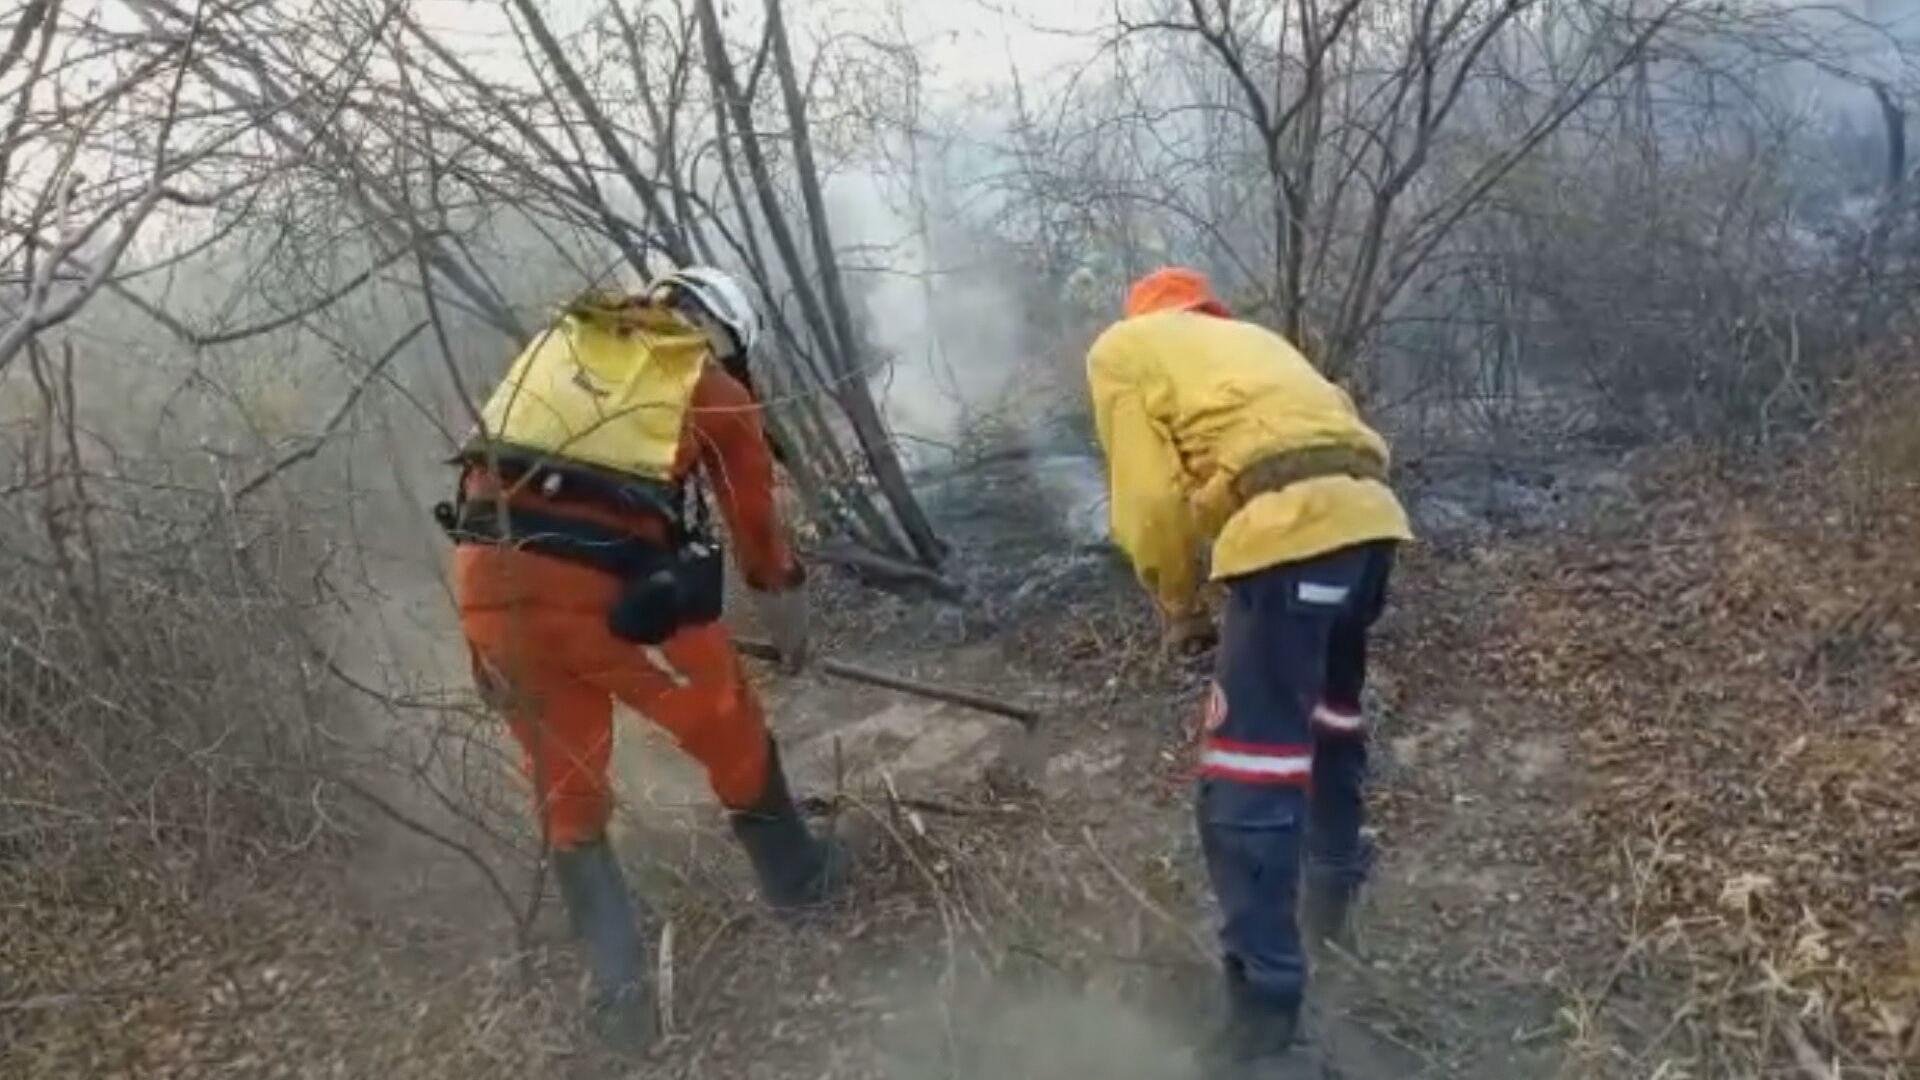 Incêndio atinge vegetação em Barra, no interior da Bahia